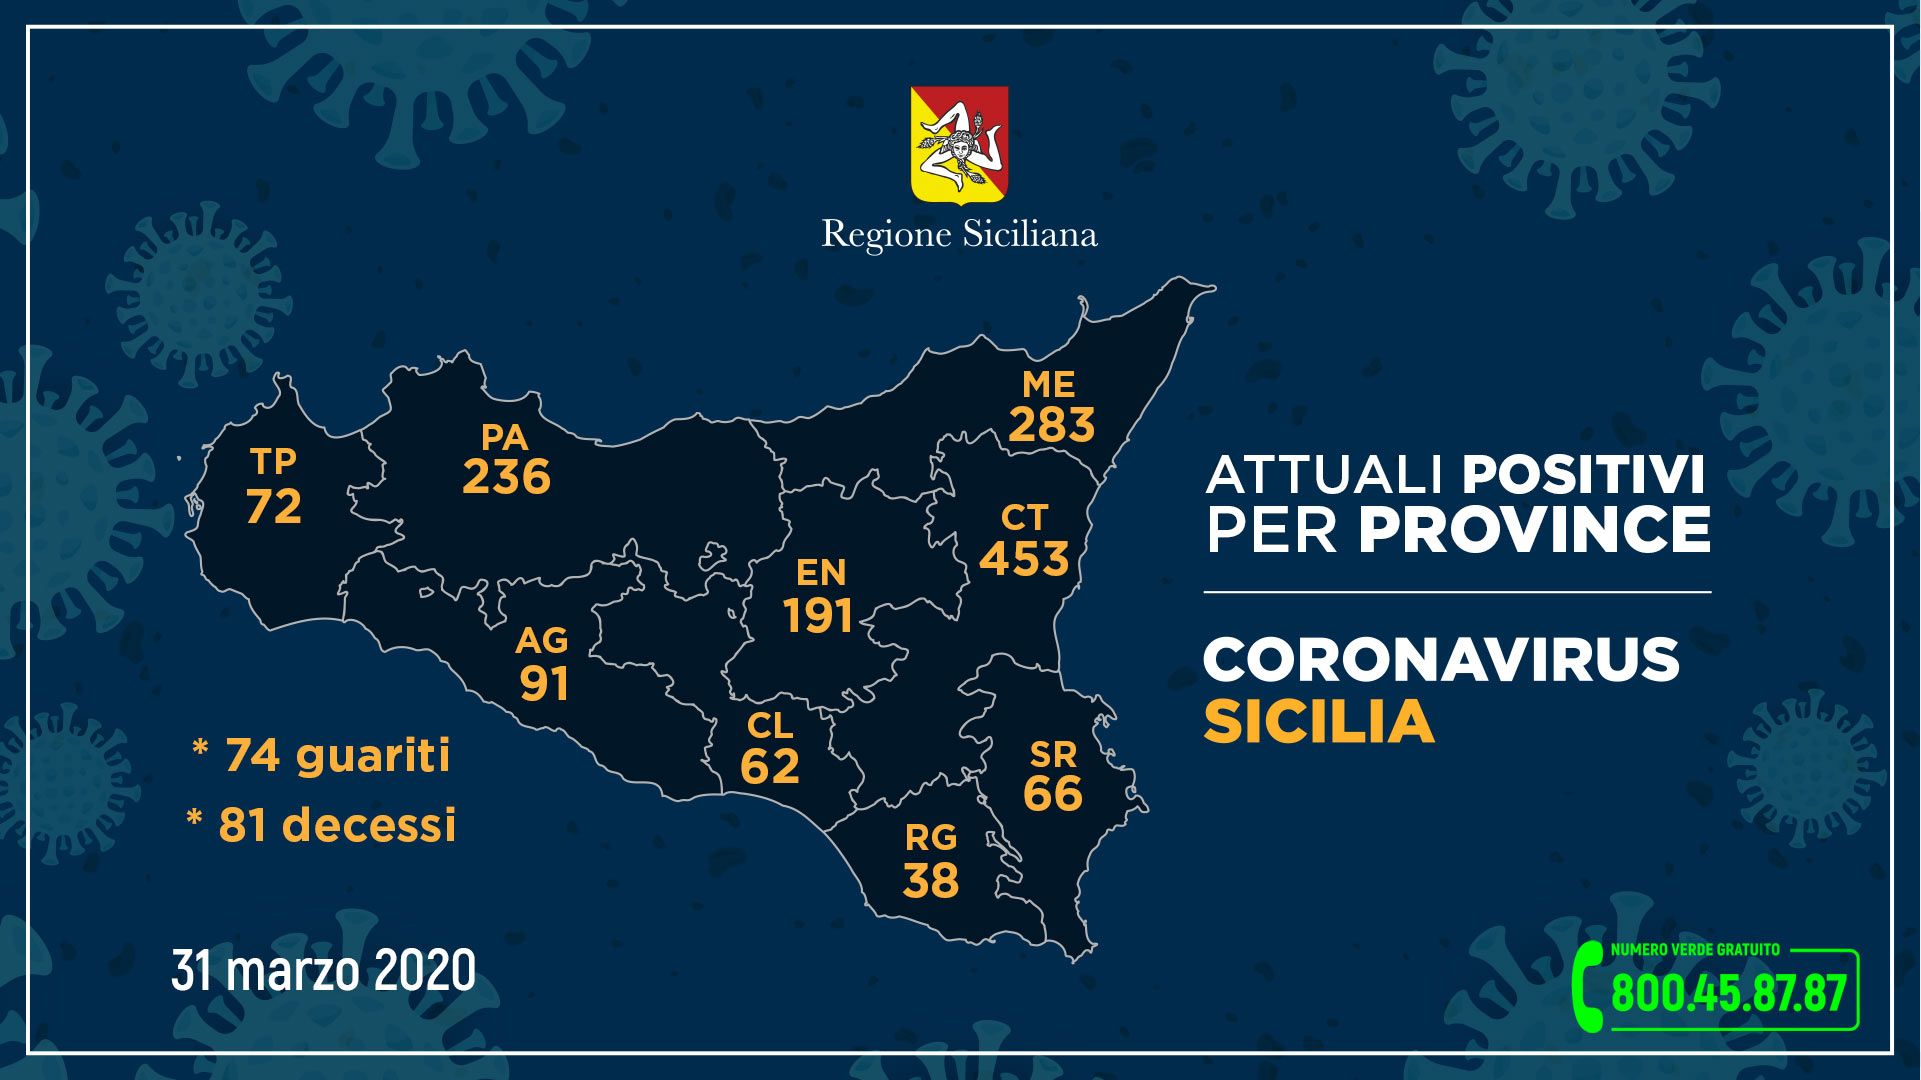 Coronavirus Sicilia per province 31 marzo 2020 (1)